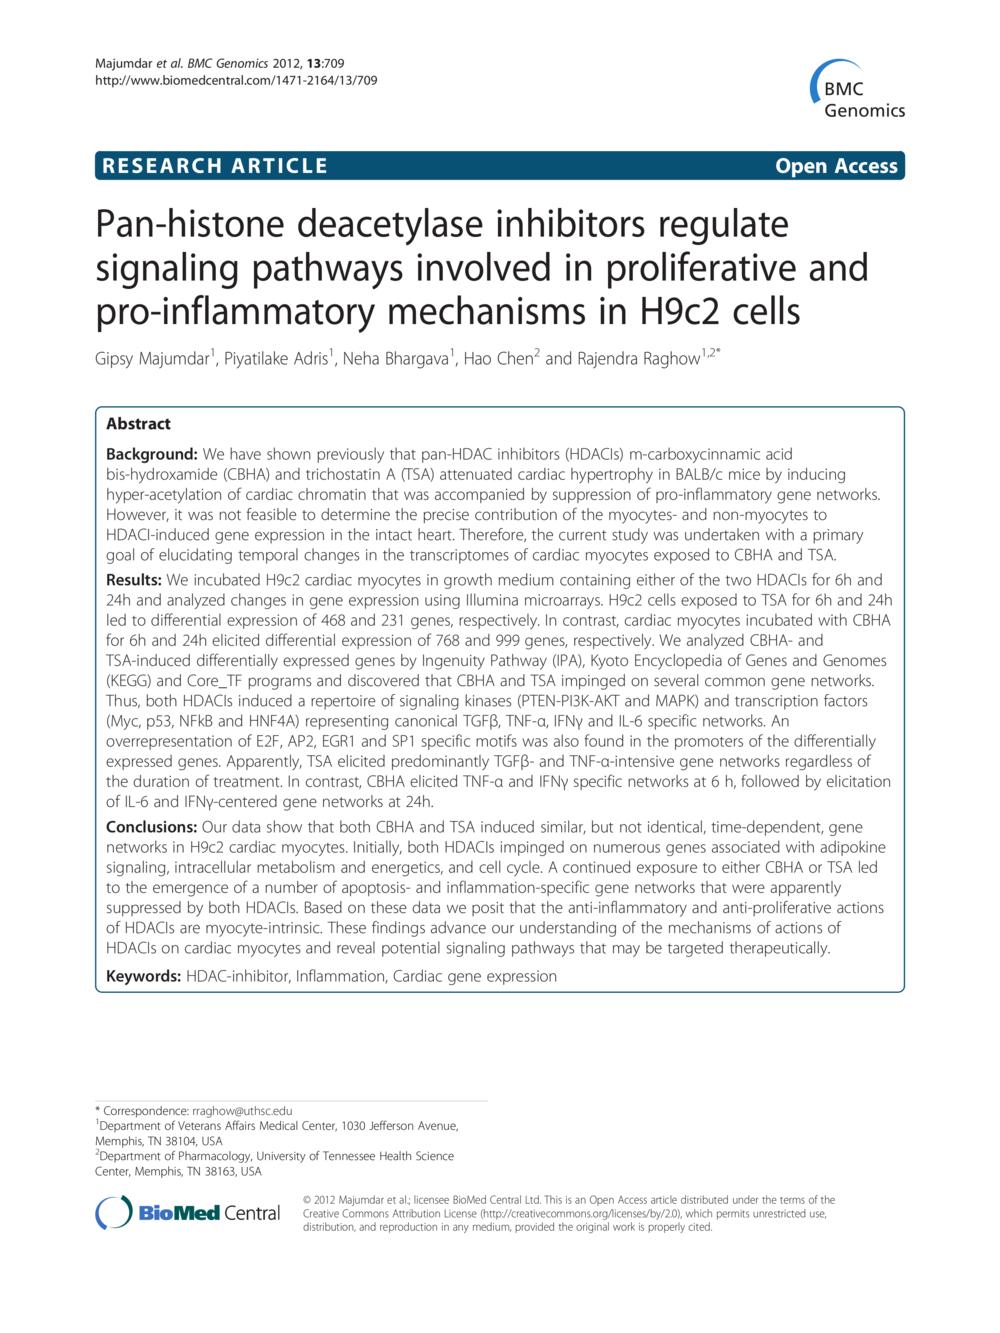 Majumdar et al. - 2012 - BMC genomics.png